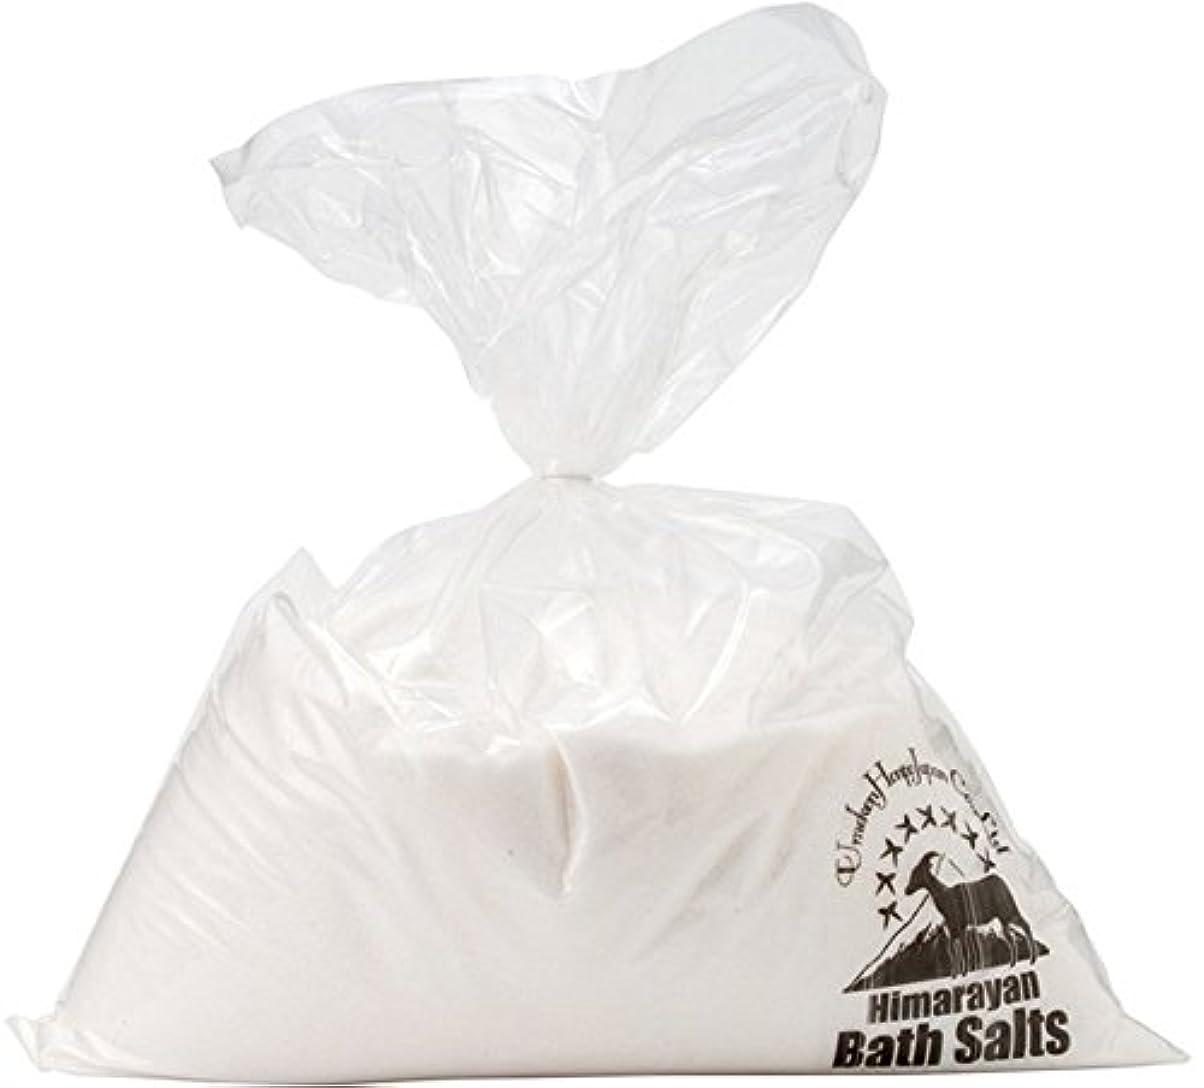 凶暴なトロイの木馬変更ヒマラヤ岩塩 バスソルト ホワイト あら塩 10kg